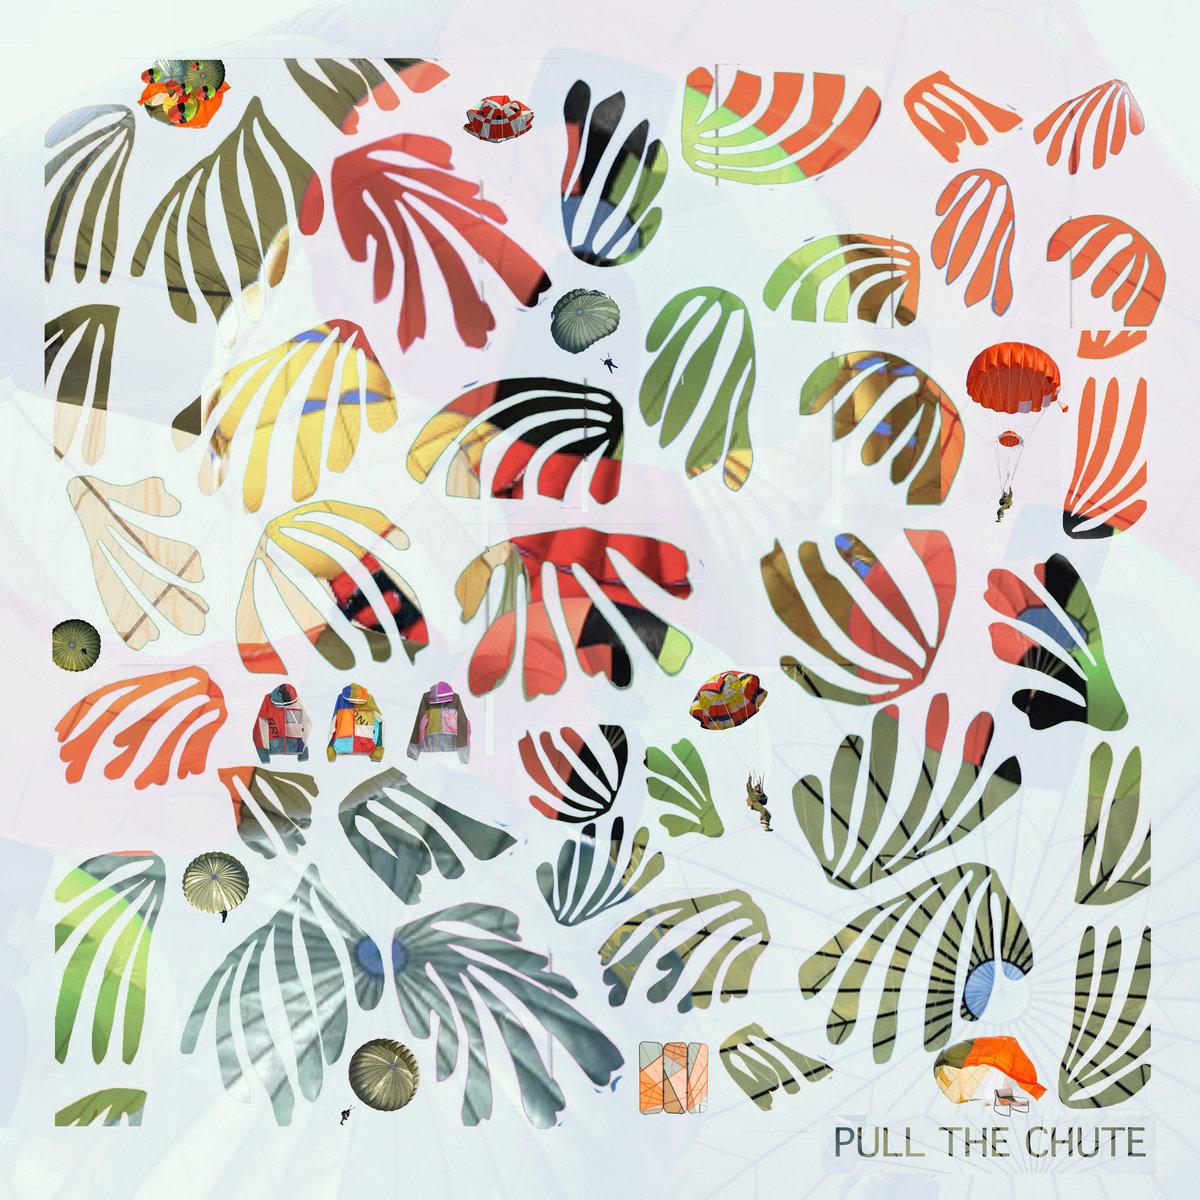 Tijuana Panthers - Pull The Chute